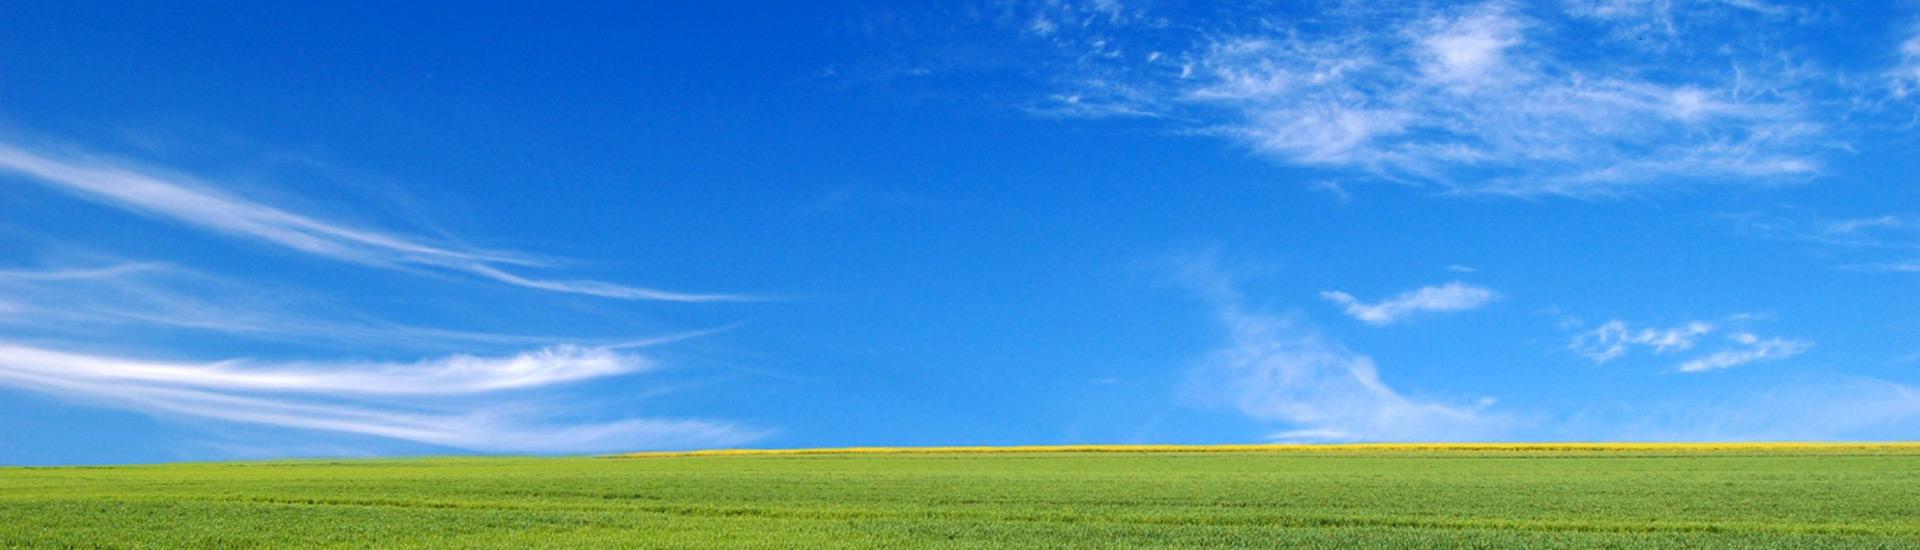 Pradera con cielo azul